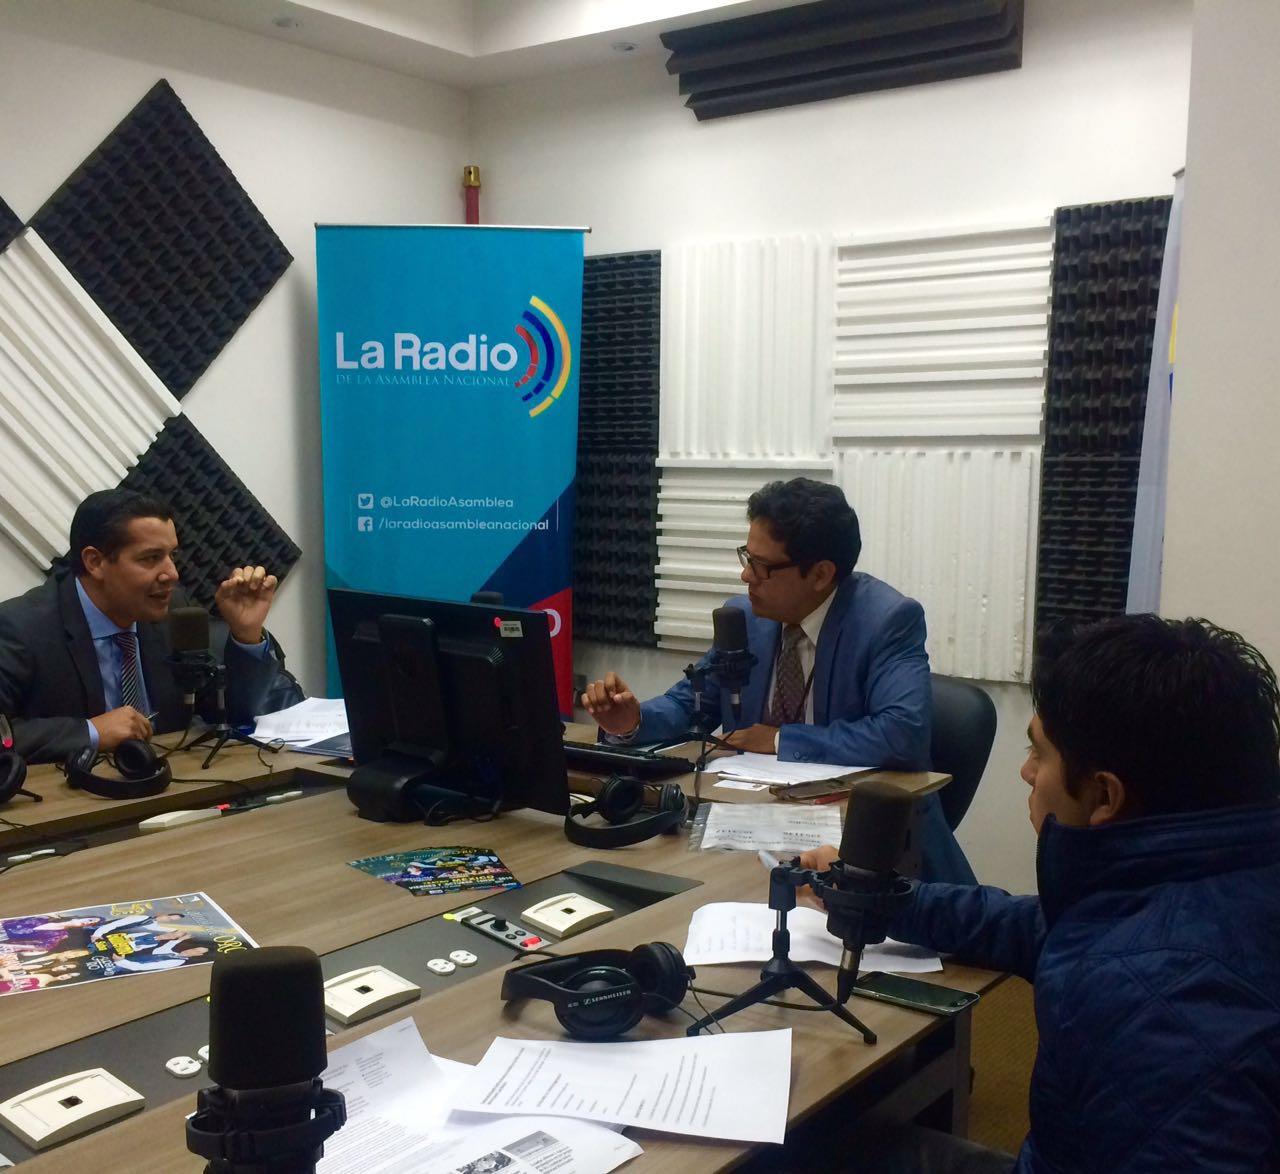 15 de Septiembre, Día Internacional de la Democracia, Ecuador lo conmemora